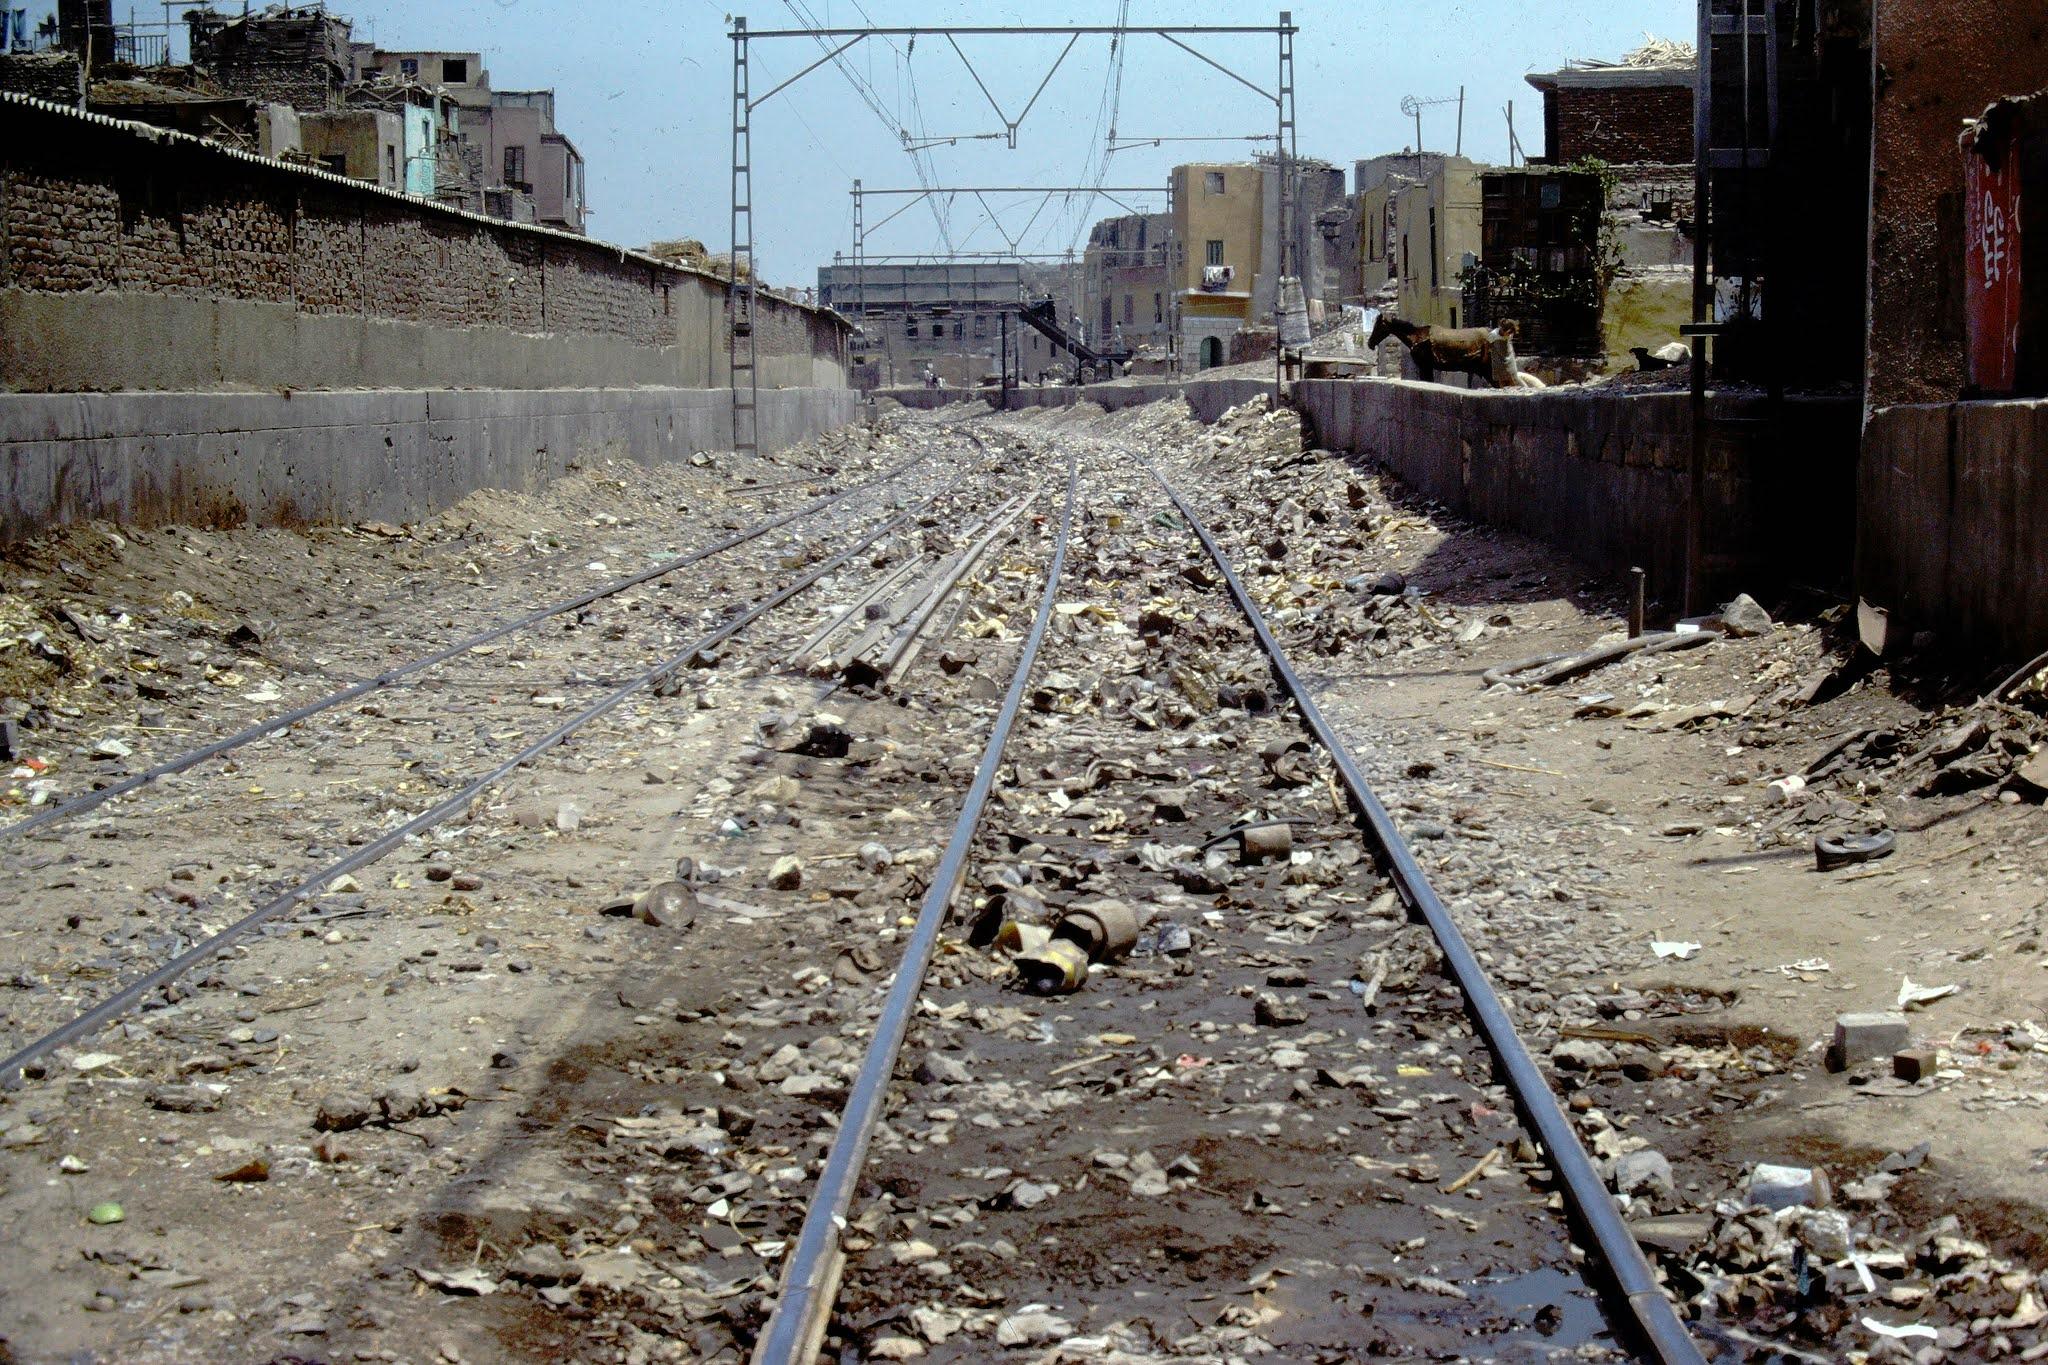 Cairo Train Tracks - June 1982